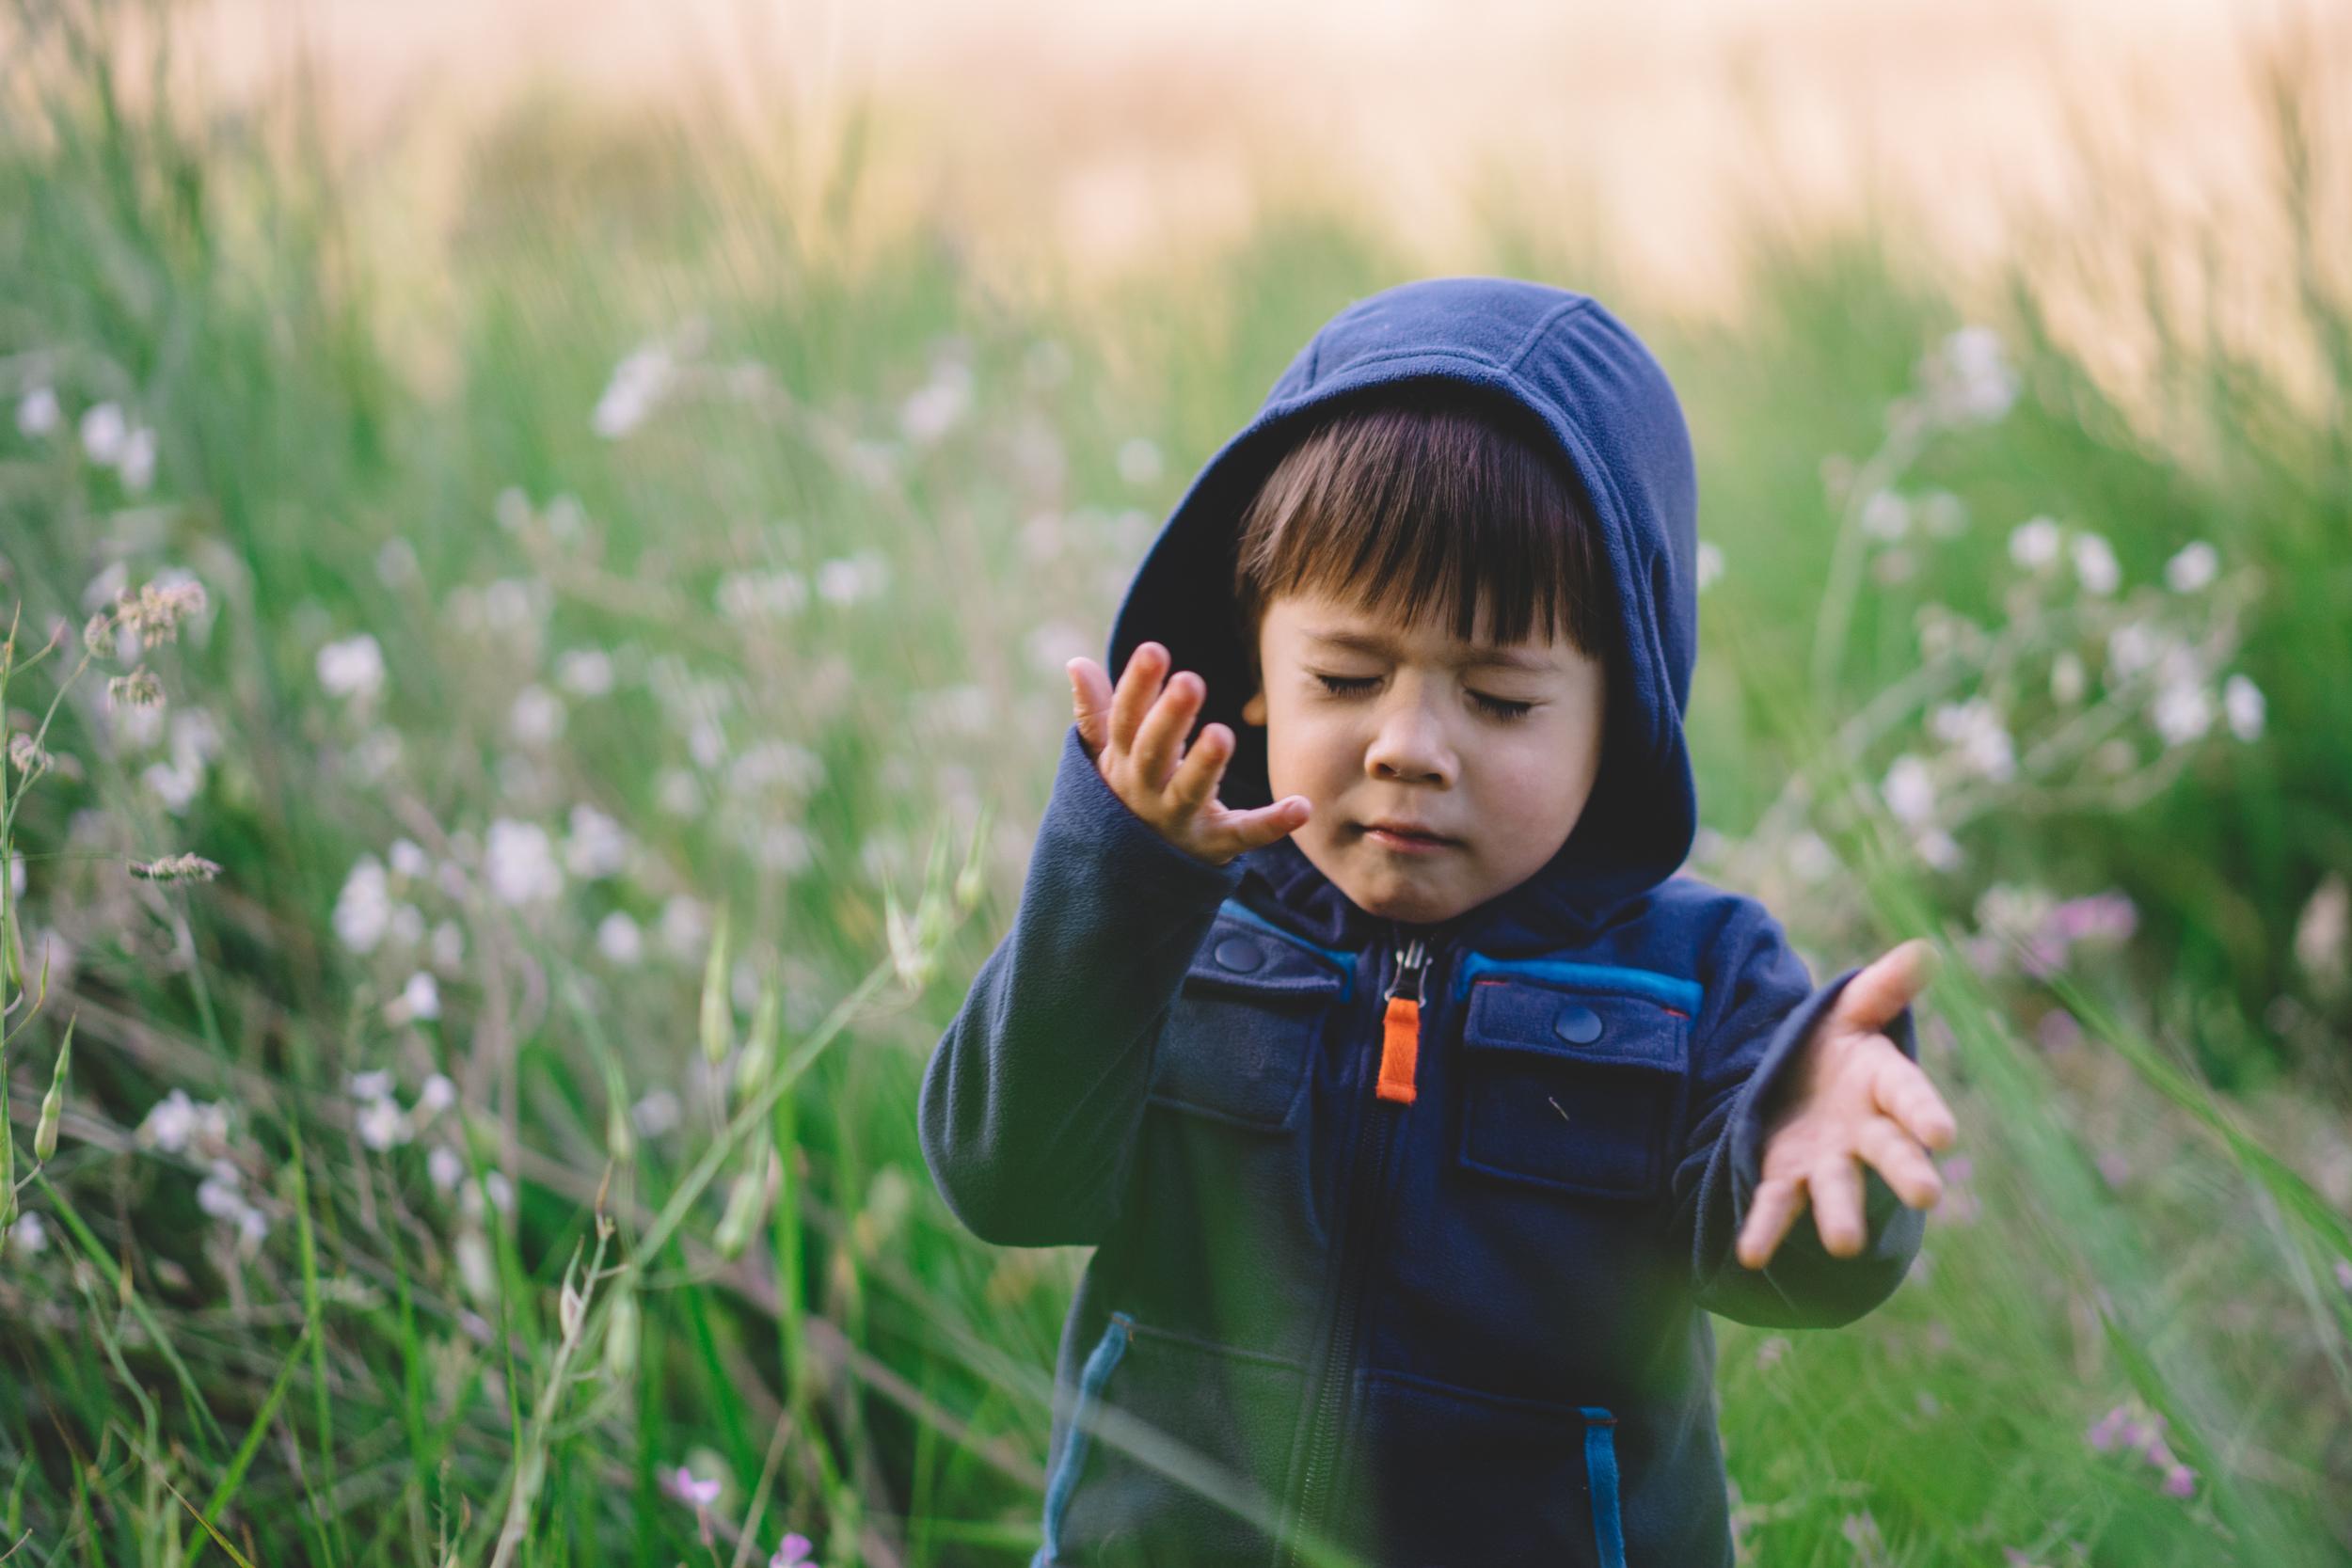 My son, Noah's general feelings